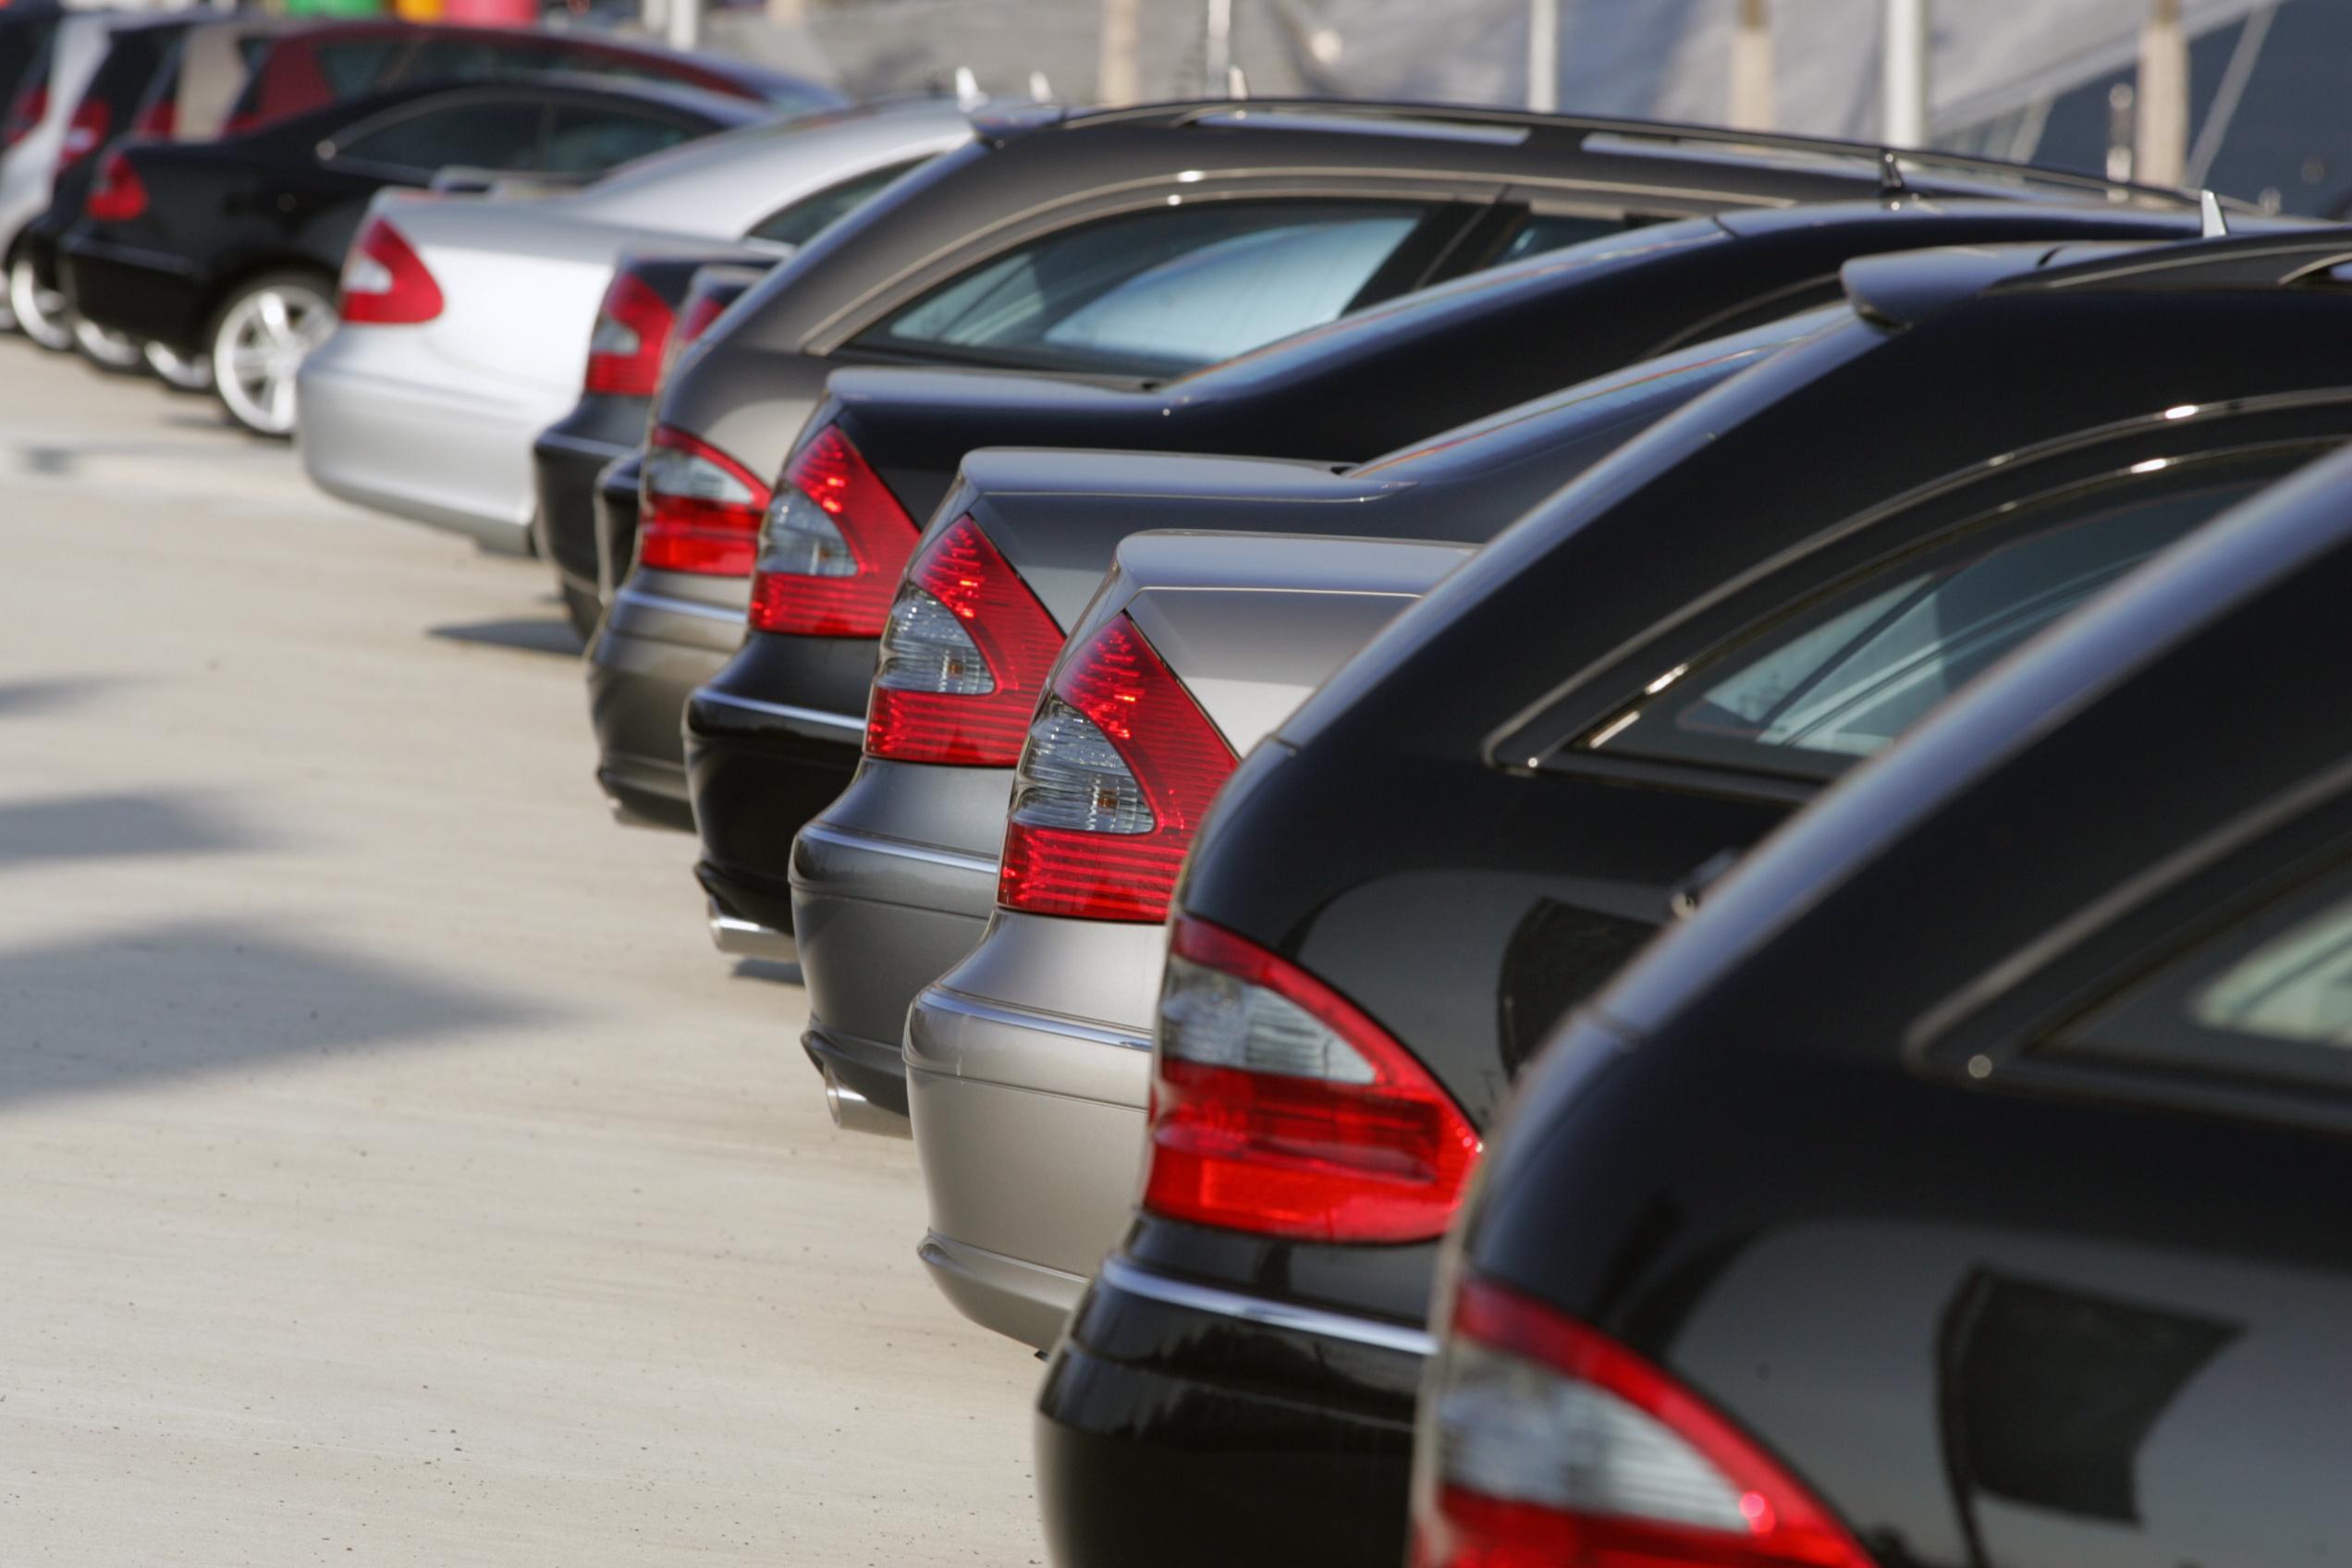 London: Parkplatz für 350.000 Euro mieten